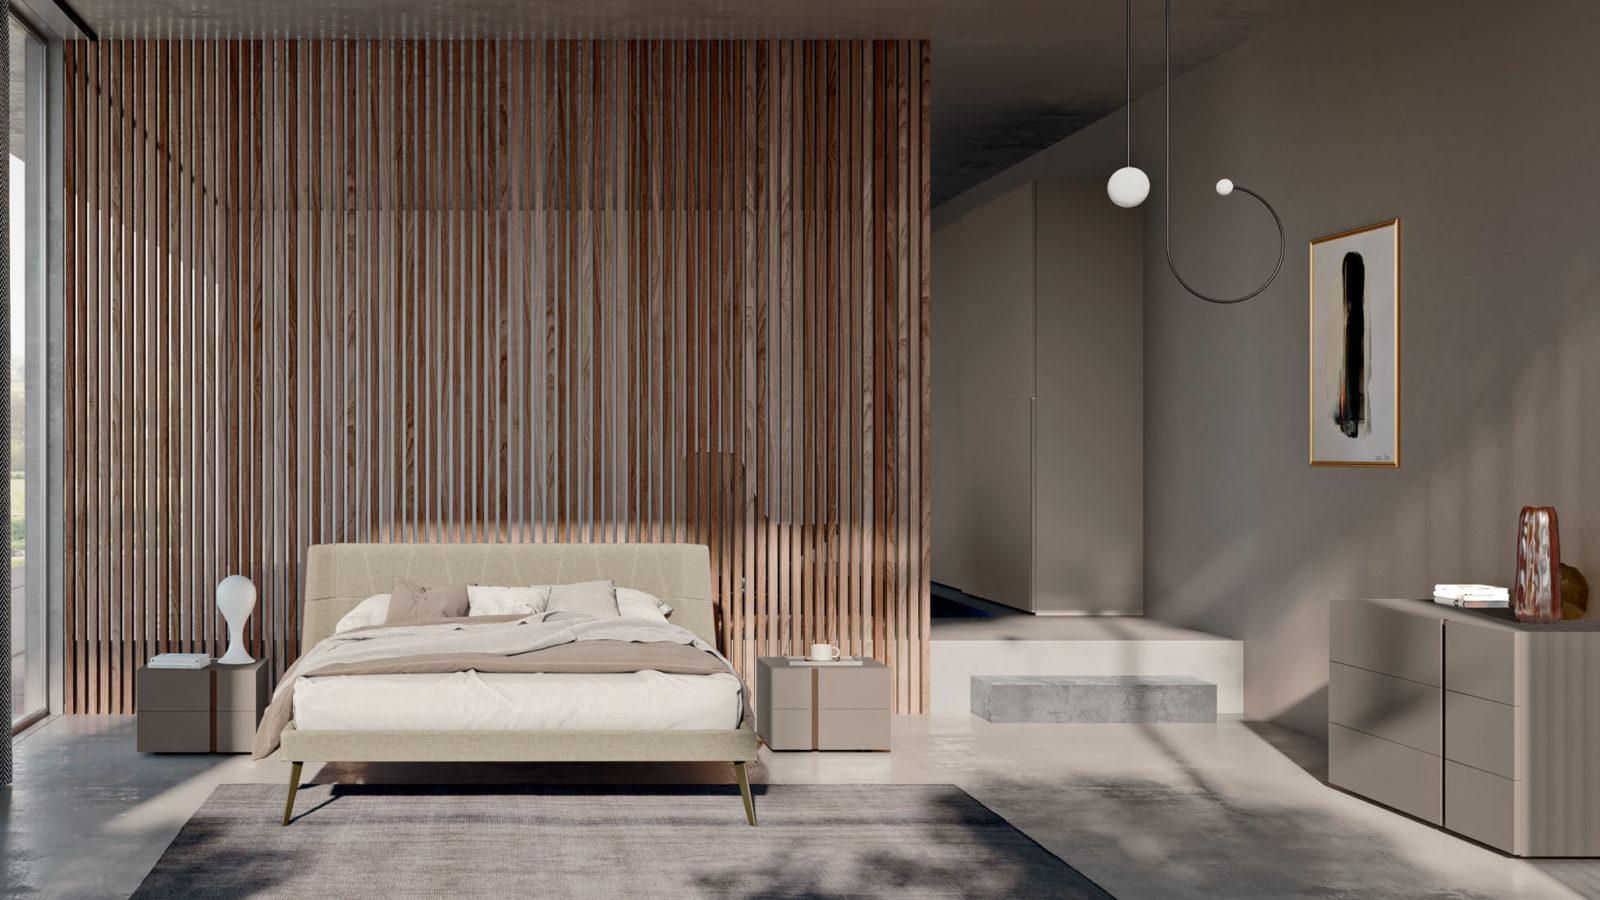 letto-flo-0-orme-1600x900-1